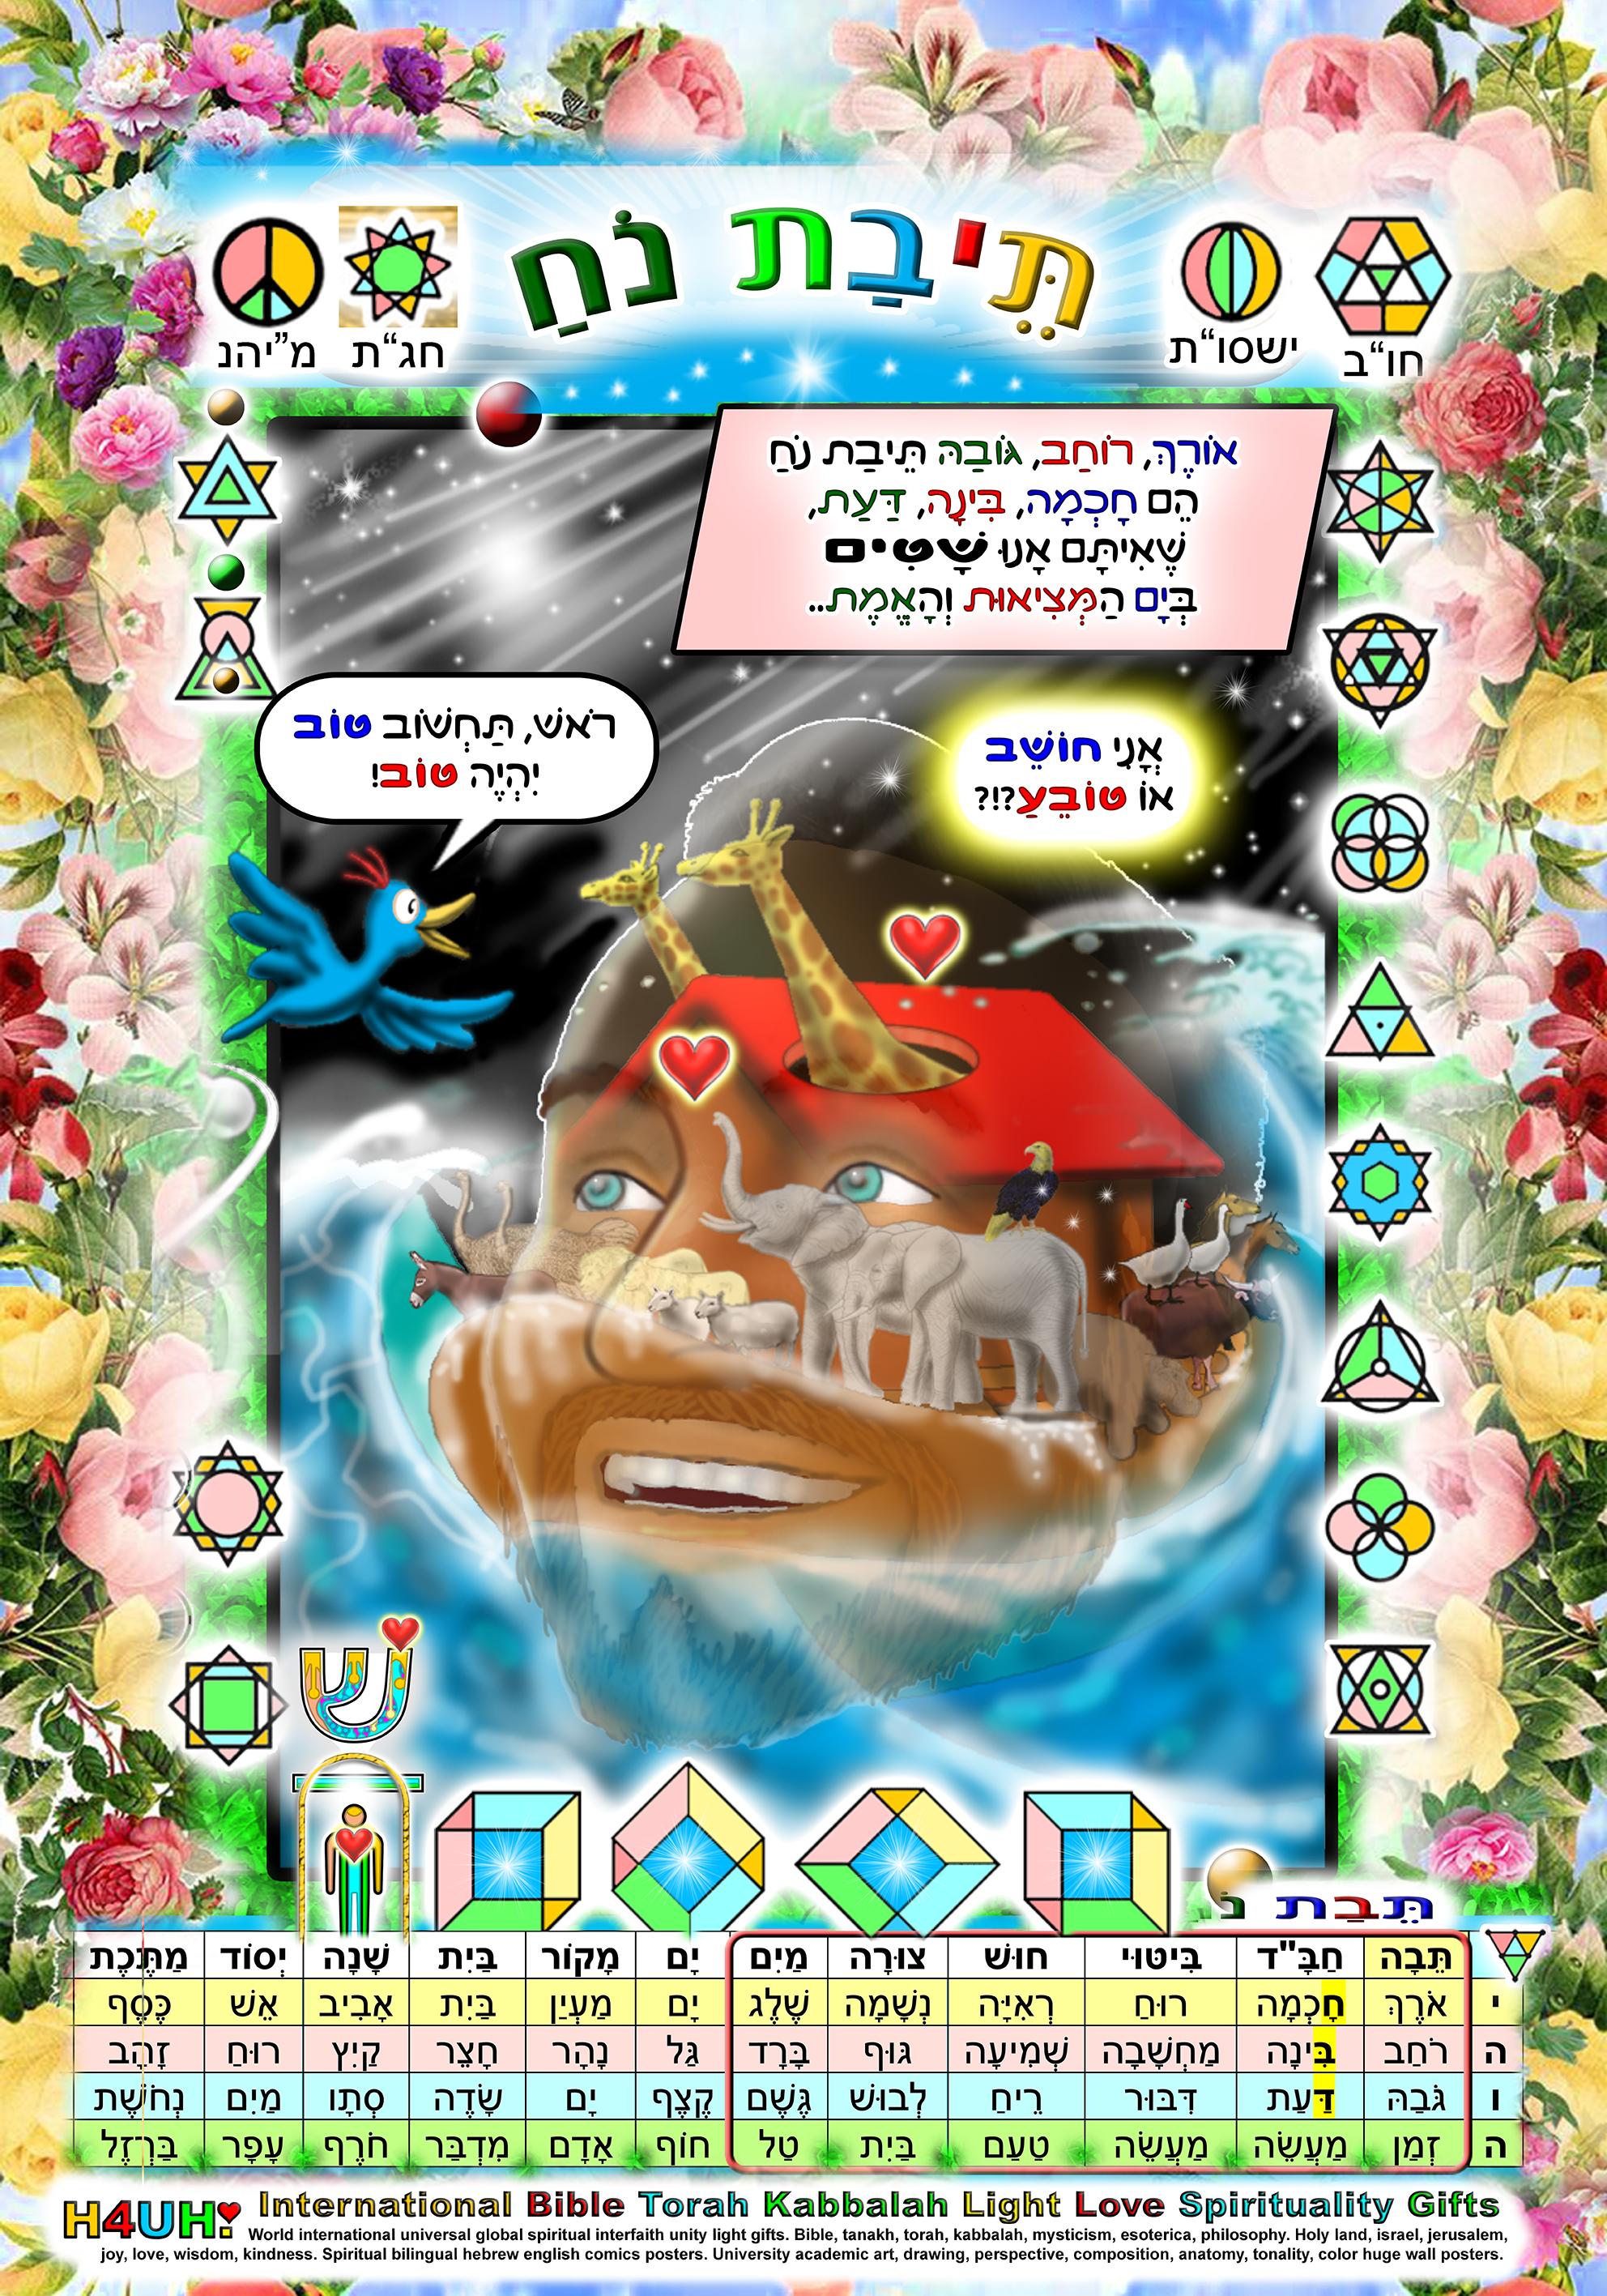 ישראל,ירושלים,קומיקס,קבלה,יהדות,ציור,פוסטרים,תורה,אור,אהבה,שמחה,חכמה,טוב,לב,פרשת,השבוע,אלוהים,עזרה,לזולת,תיקון,העולם,רוחניות,מיסטיקה,נשמה,יהודים,אוניברסלי,קוסמופוליטי,Israel,Jerusalem,Comics,Kabbalah,Judaism,Painting,Posters,Torah,Light,Love,Joy,Wisdom,Kindness,Parshas,Hashem,God,Helping,Others,Repairing,the,World,Spirituality,Mysticism,Soul,Jews,Universal,Cosmopolitan,הרצאה חינם - חכמת הקבלה-אמנות הציור-יצירת קומיקס ורוחניות. קבלה,ישראל,ירושלים,יהדות,יהודי,עברית,תורה,פרשת השבוע,ישראלי, Cabala,Kabala,Qabala,Cabalah,Kabalah,Qabalah,Caballa,Kaballa,Qaballa,Caballah,Kaballah,Qaballah,Cabbala,Kabbala,Qabbala,Cabbalah,Kabbalah,Qabbalah,Cabballa,Kabballa,Qabballa,Cabballah,Kabballah,Qabballah,,קבלה מעשית,מיכאל לייטמן,הרב לייטמן,ספרי קבלה,לימודי קבלה,קבלה מהמקור,סגולה לפרנסה מהקבלה,שיעורי קבלה,כנס קבלה לעם 2019,הרב רנטגן שעות קבלה,עץ החיים קבלה,קבלה לעם ערוץ 66,קלפי קבלה,ספרי קבלה מעשית,לימוד קבלה,הרב מיכאל לייטמן,פתיחה בקבלה,חלומות קבלה,קבלה לעם שידור חי,מכללת קבלה לעם,קבלה מעשית לחשים,שיעור בוקר קבלה לעם,ספרי קבלה נדירים,ספרי קבלה מעשית להורדה,ספרי קבלה להורדה,חודש ניסן בקבלה,קבלה לעם הרב לייטמן,קבלה ספר הזוהר,מחיר קורס קבלה לעם,ערוץ קבלה לעם,נפגעי קבלה לעם,לימוד קבלה לנשים,מודעות קבלה,קמעות קבלה,בר אילן קבלה,רב שפותח בקבלה,חלומות בקבלה,לימודי קבלה מעשית,קבלה מעשית אהבה,הבלוג של הרב לייטמן,ספרי קבלה למתחילים,לייטמן קבלה,ראשי תיבות בקבלה,קבלה מדע ומשמעות החיים,קבלה לעם כנס 2019,הרב יגאל כהן שעות קבלה,ארץ חדשה קבלה,מהי קבלה,קבלה מעשית ספרים,הרב פירר שעות קבלה,שיעורים בקבלה,שמות מהקבלה,תפילות מהקבלה,משפטים מהקבלה,קבלה ספר,גיל 60 בקבלה,קבלה לעם טלפון,ספרי קבלה למכירה,מכללת אילמה תנאי קבלה,ללמוד קבלה,זיווג משמיים בקבלה,חוכמת הקבלה על פי בעל הסולם,לימוד קבלה למתחילים,קבלה ופסיכואנליזה,קבלה העברית,ספר קבלה עתיק,המרכז לקבלה קורסים,עץ החיים בקבלה,אתר קבלה לעם,ציטוטים מהקבלה,צמיד קבלה,גיל 70 בקבלה,גיל 40 בקבלה,קמעות מהקבלה,סודות הקבלה המעשית,קבלה לעם ליכוד,כנס קבלה לעם,מטריקס קבלה,כנס קבלה 2019,יצחק אטיאס קבלה,קבלה שמות,ברוך אשלג,ספר הקבלה המעשית,תכשיטי קבלה בראשית,קבלה פירוש,בית 